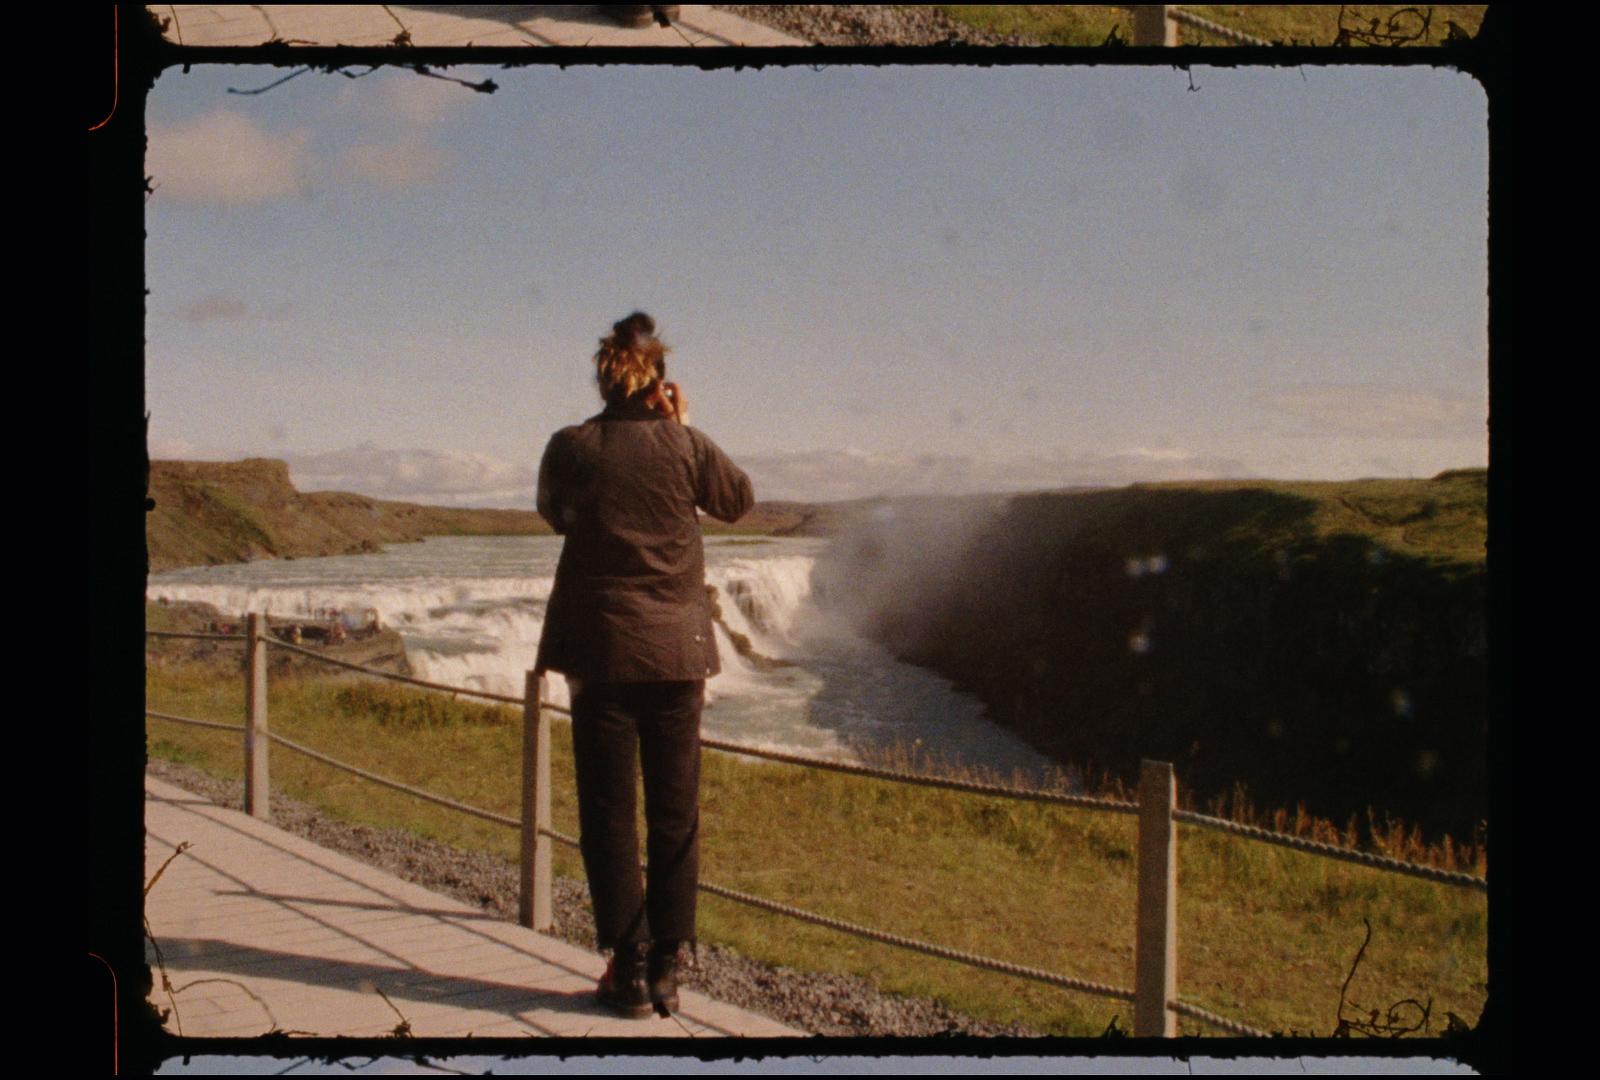 Iceland_FINAL.00_01_08_09.Still011.JPG